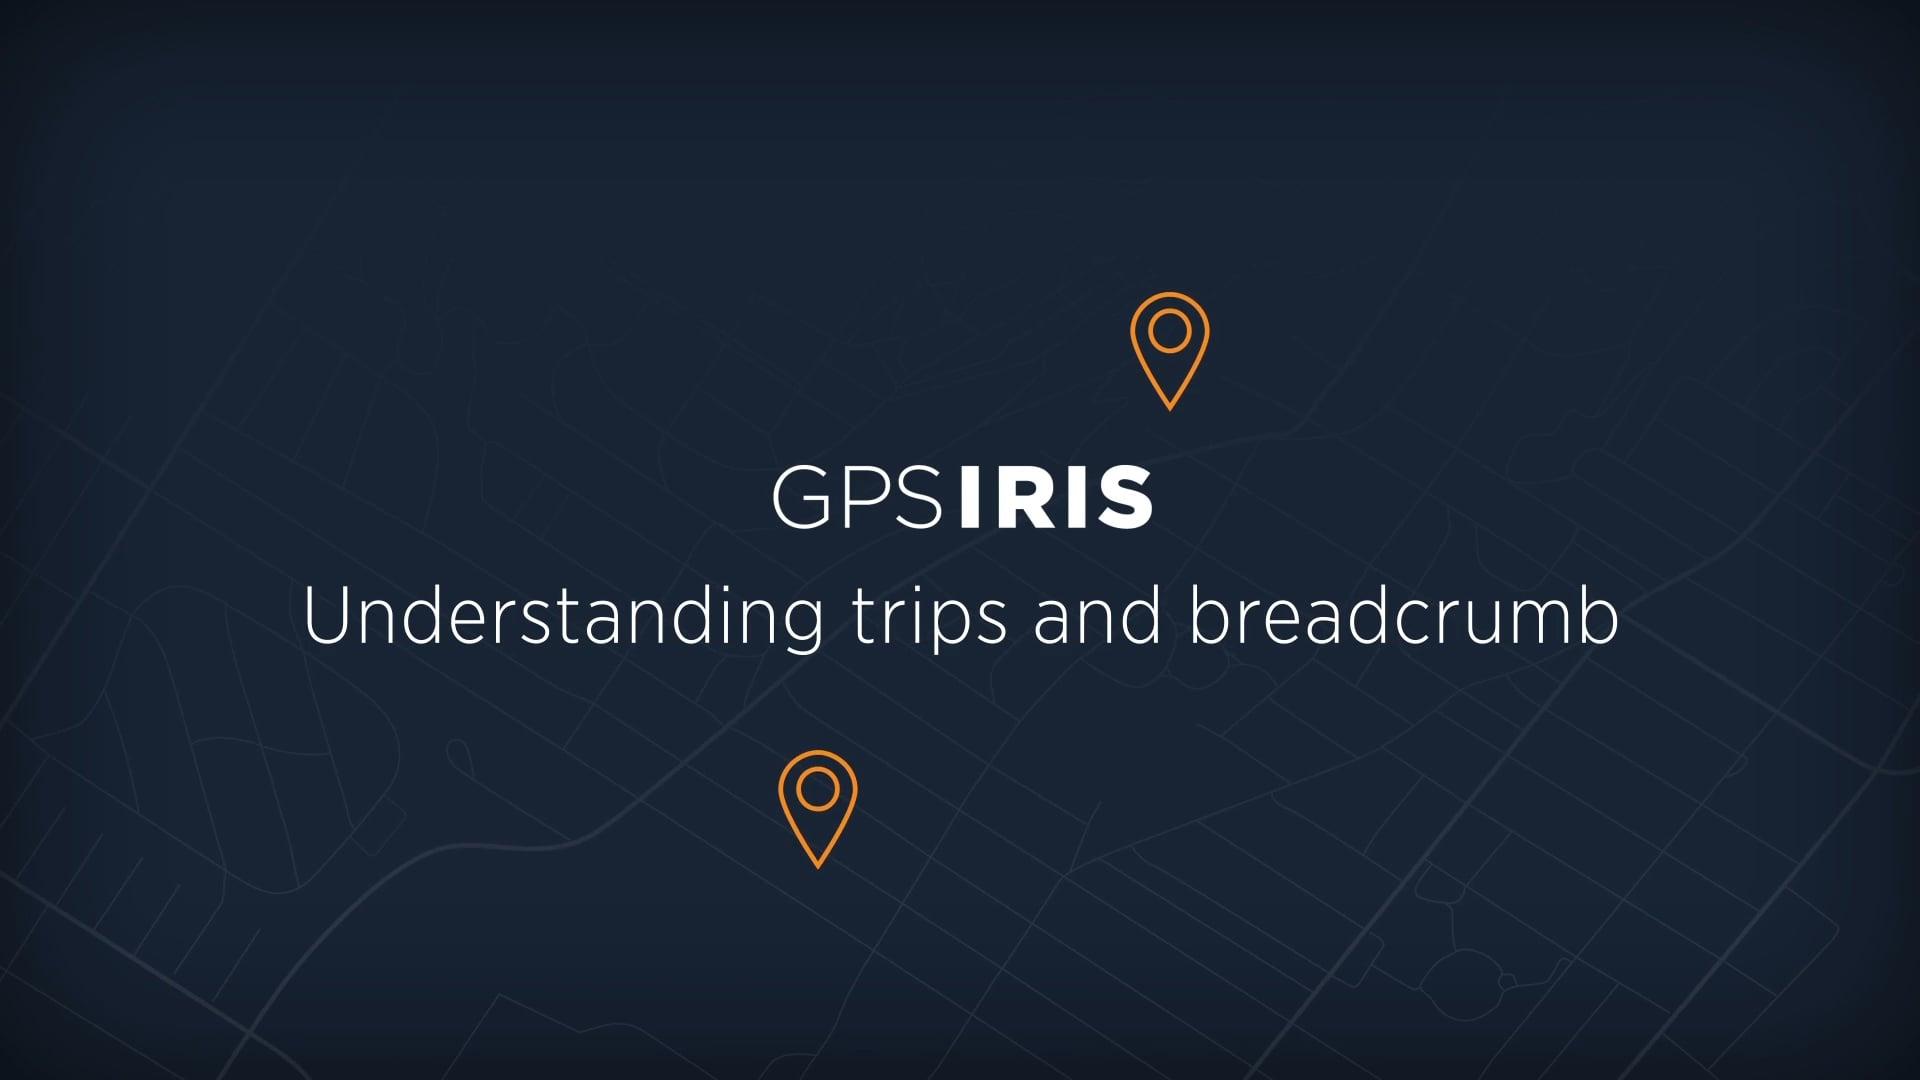 Understanding trips and breadcrumbs